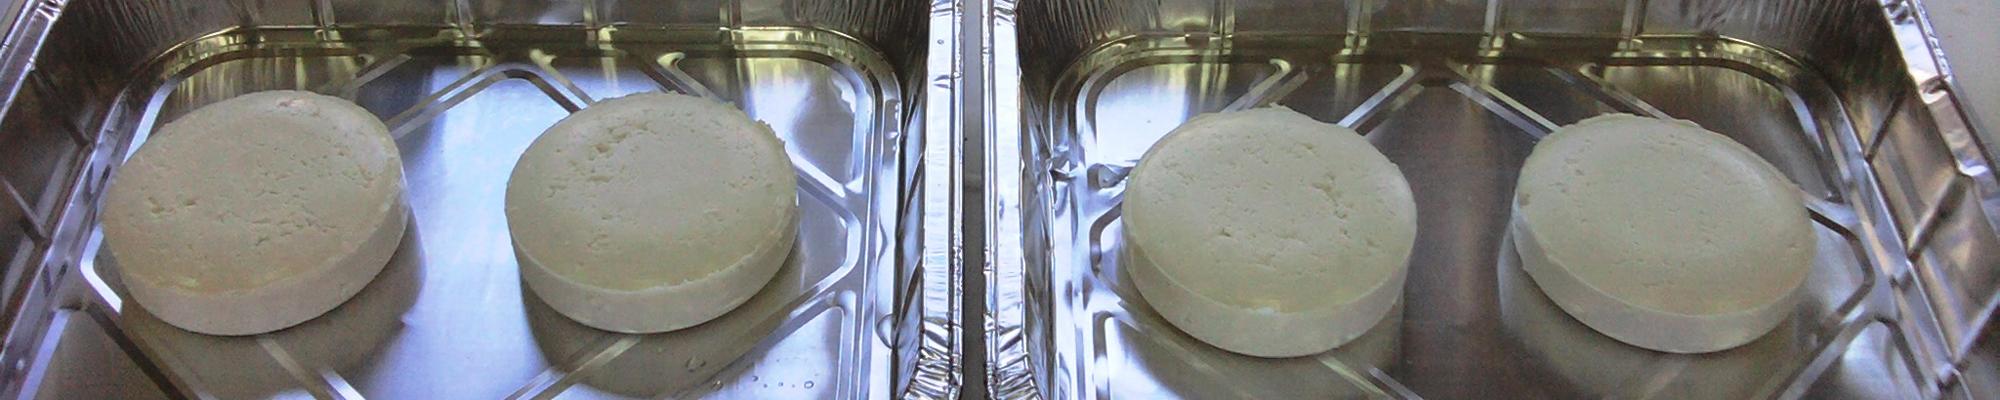 MicroBioSpain - Quesos INIA